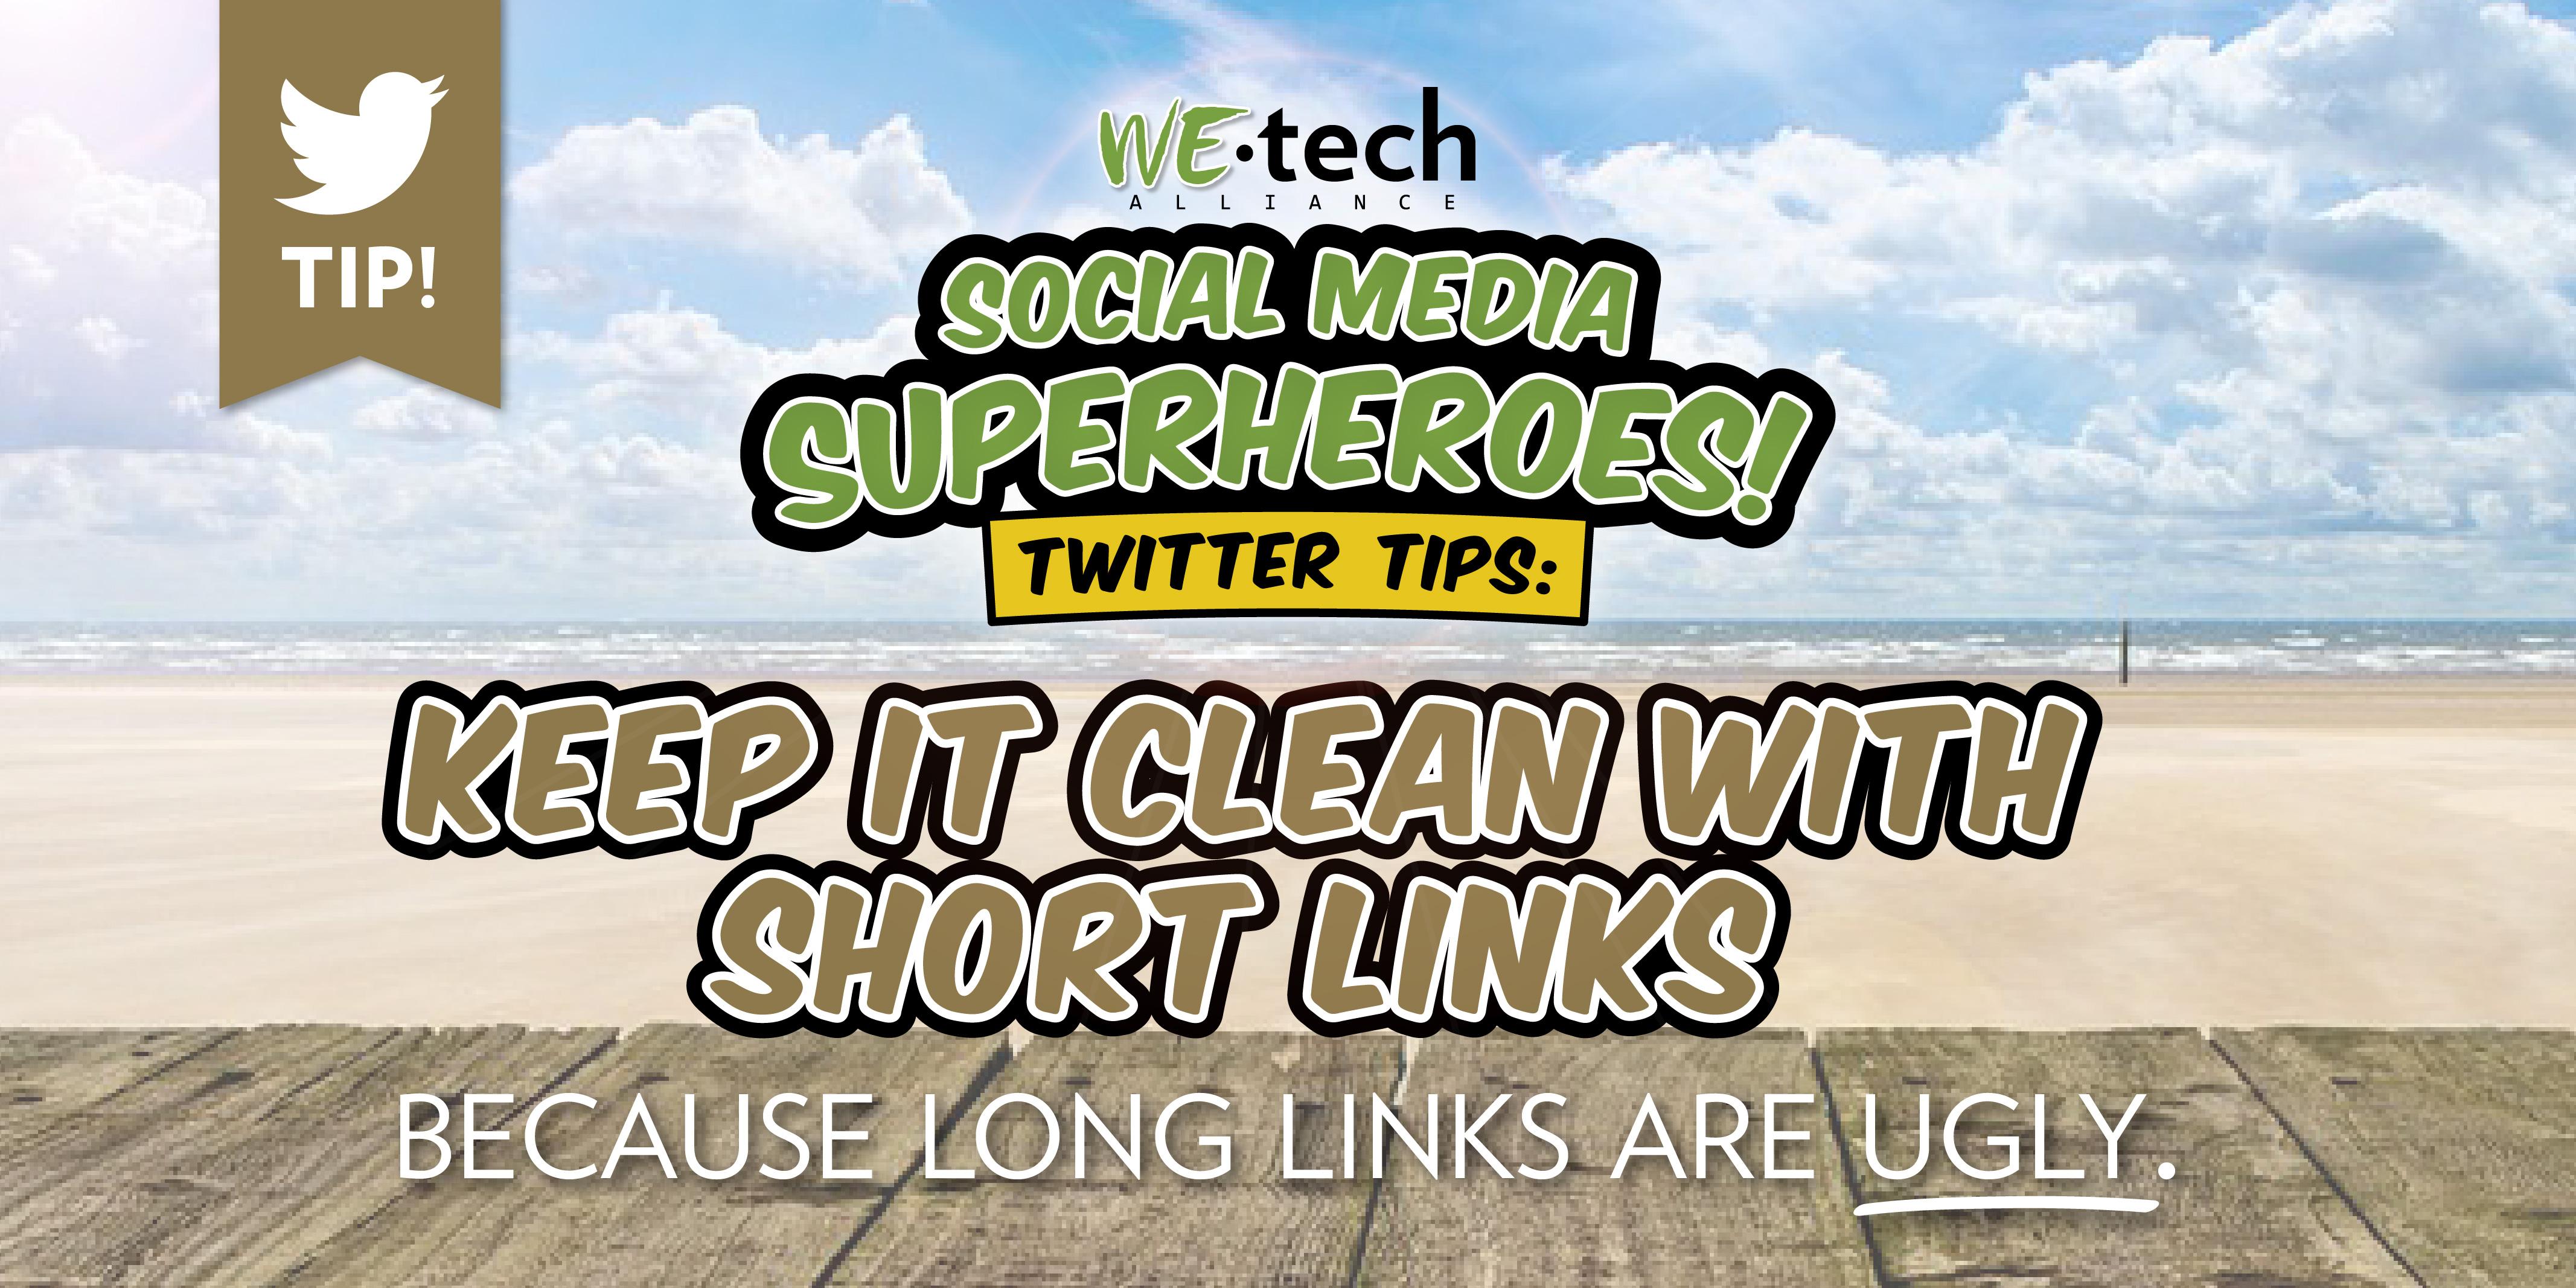 twitter tips short links